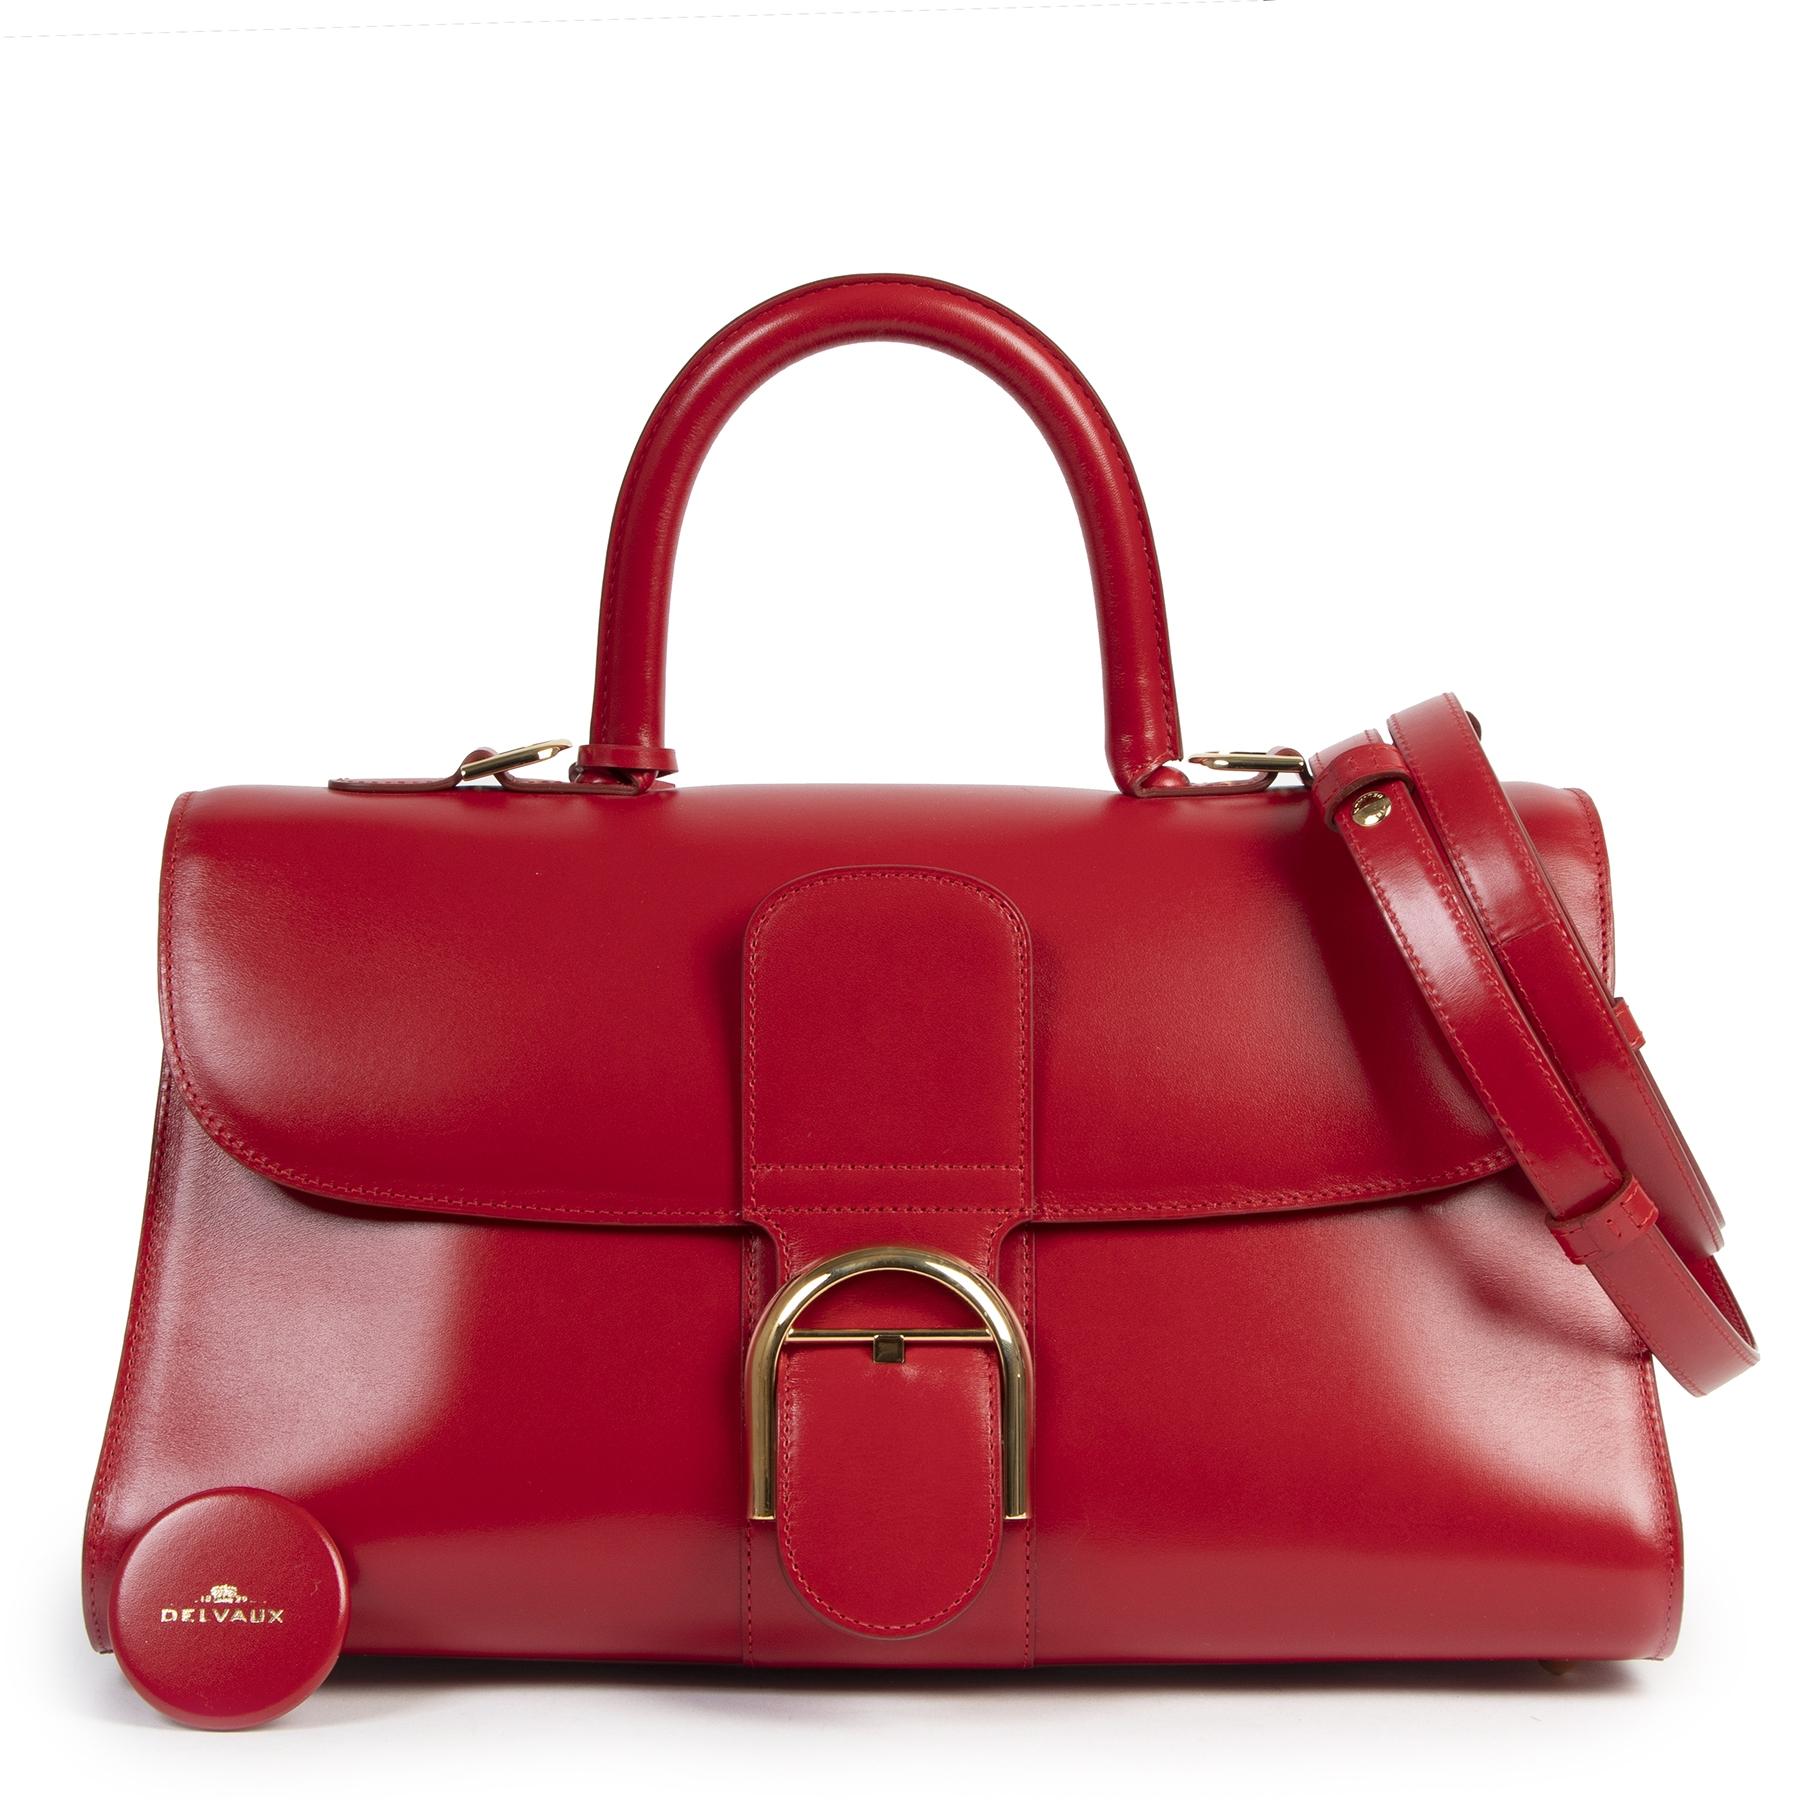 Authentieke tweedehands vintage Delvaux Brillant East West Lipstick Bag koop online bij webshop LabelLOV